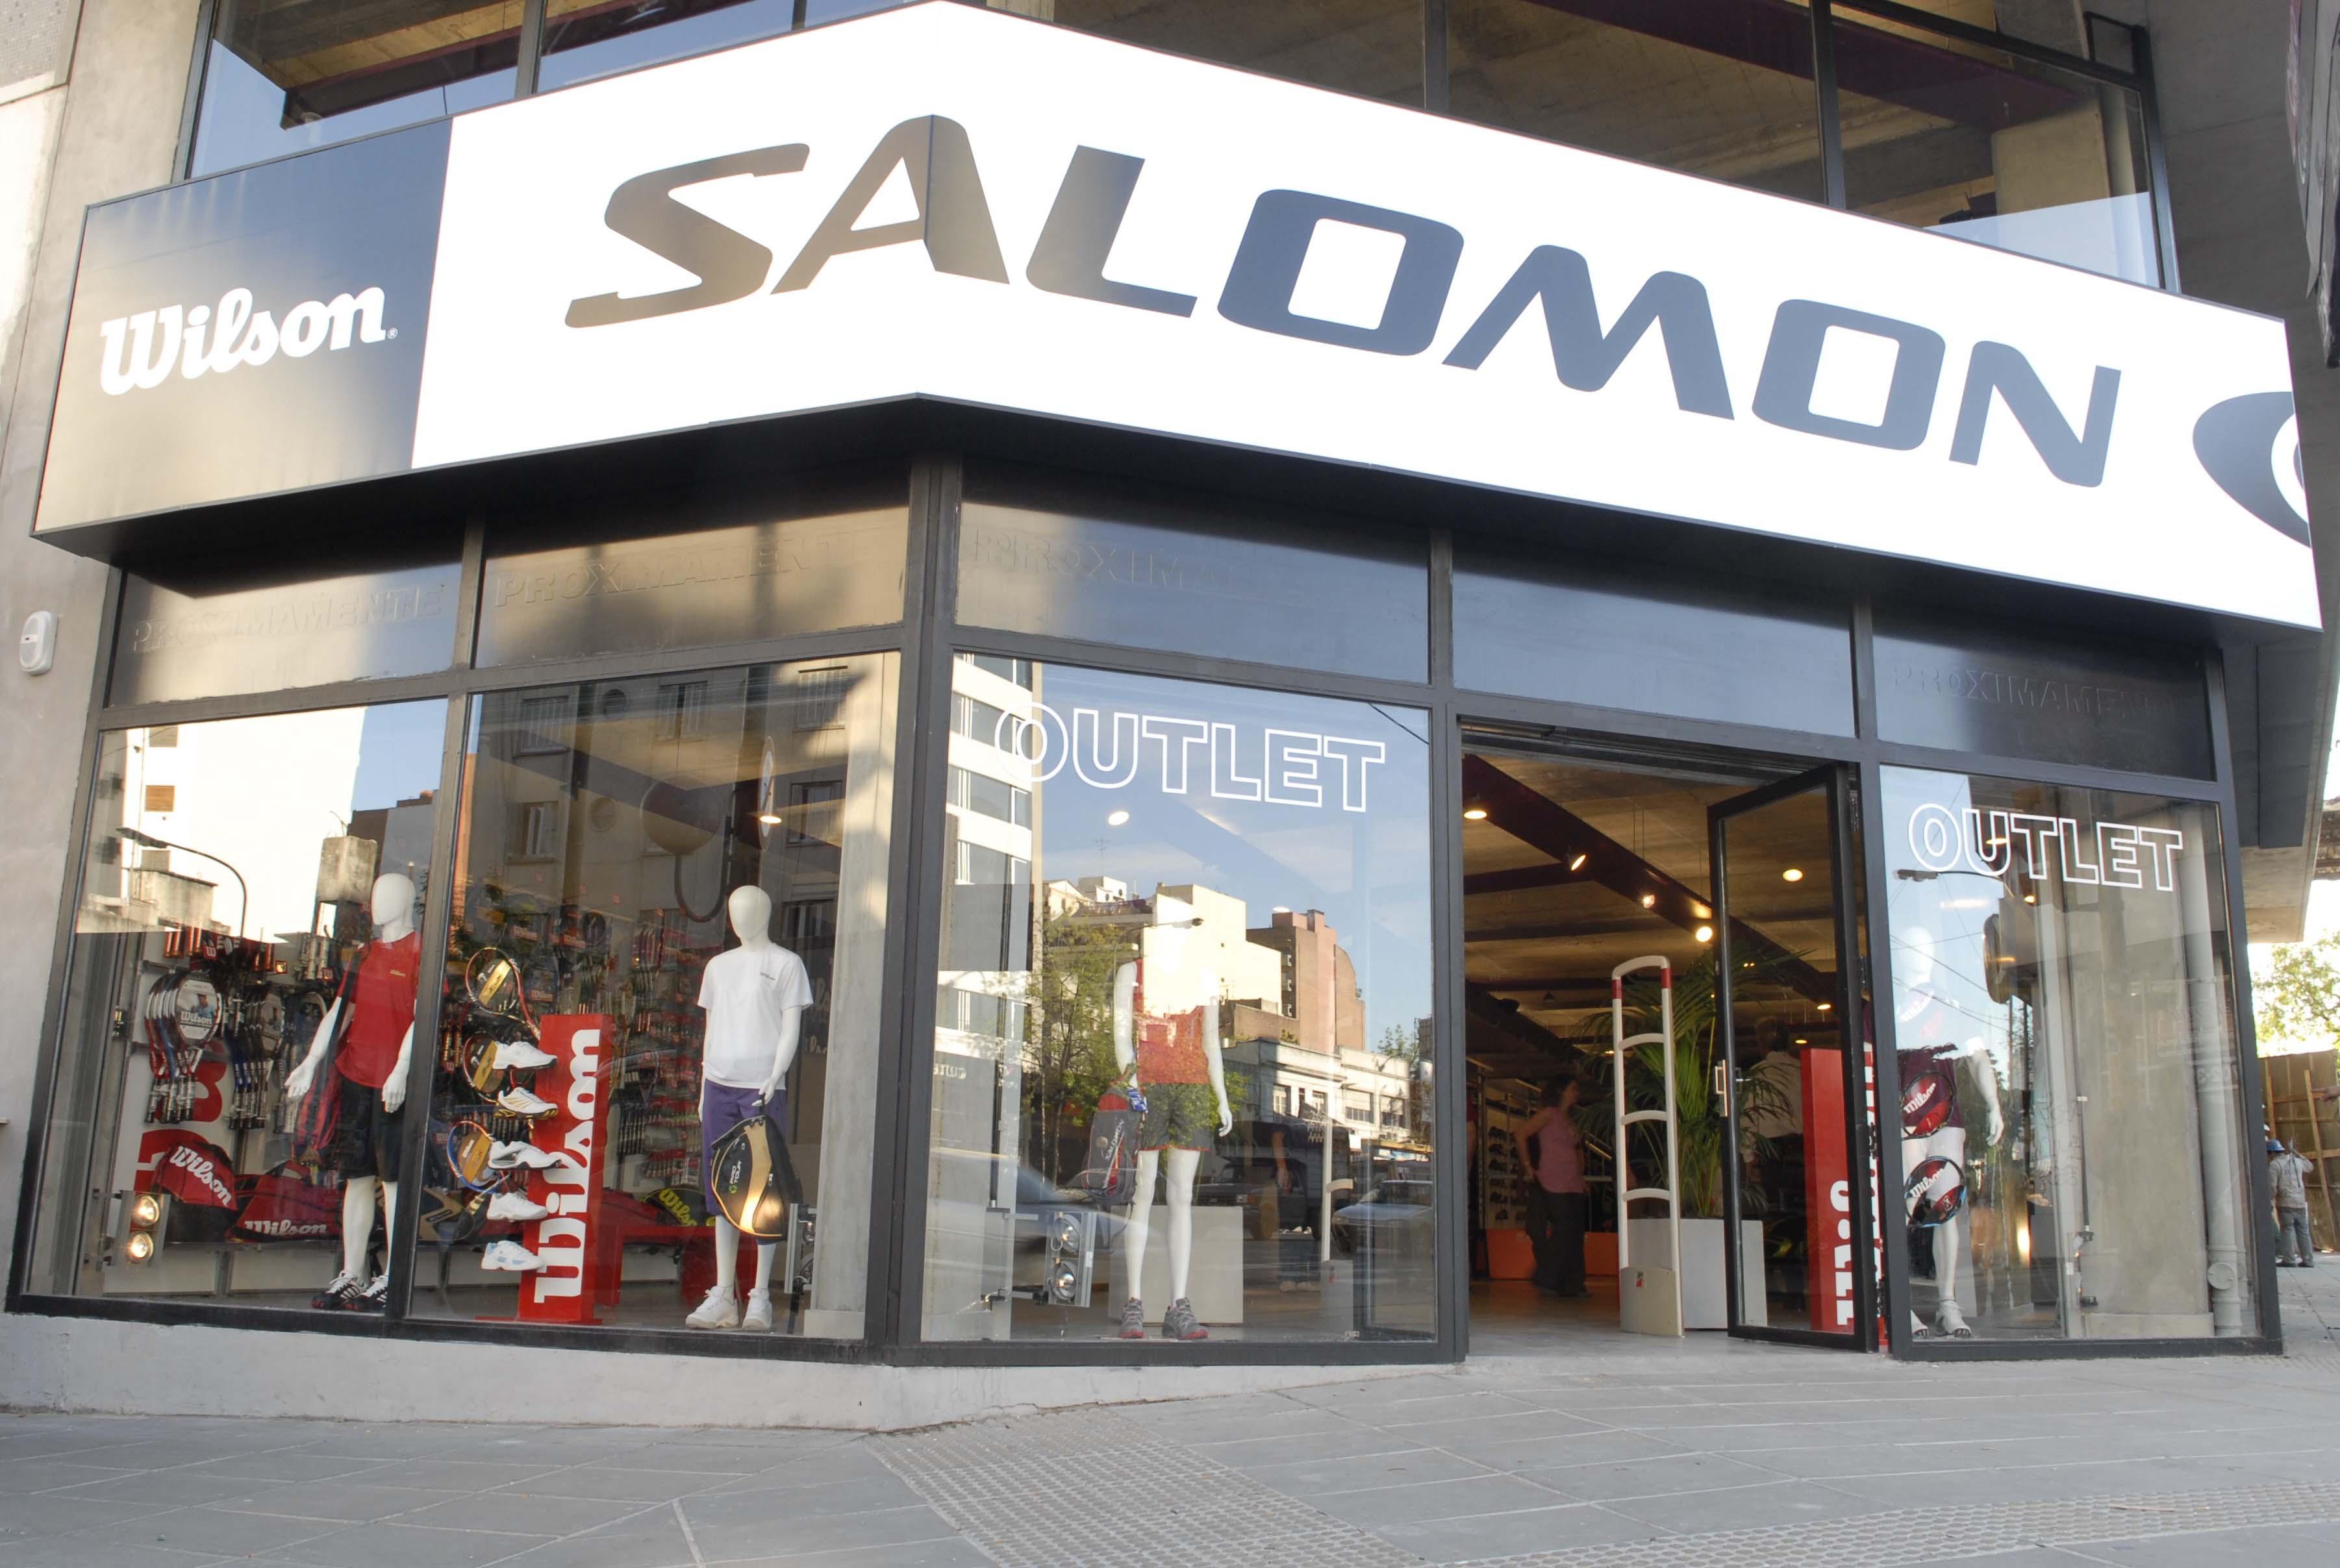 outlet de zapatillas salomon en capital federal